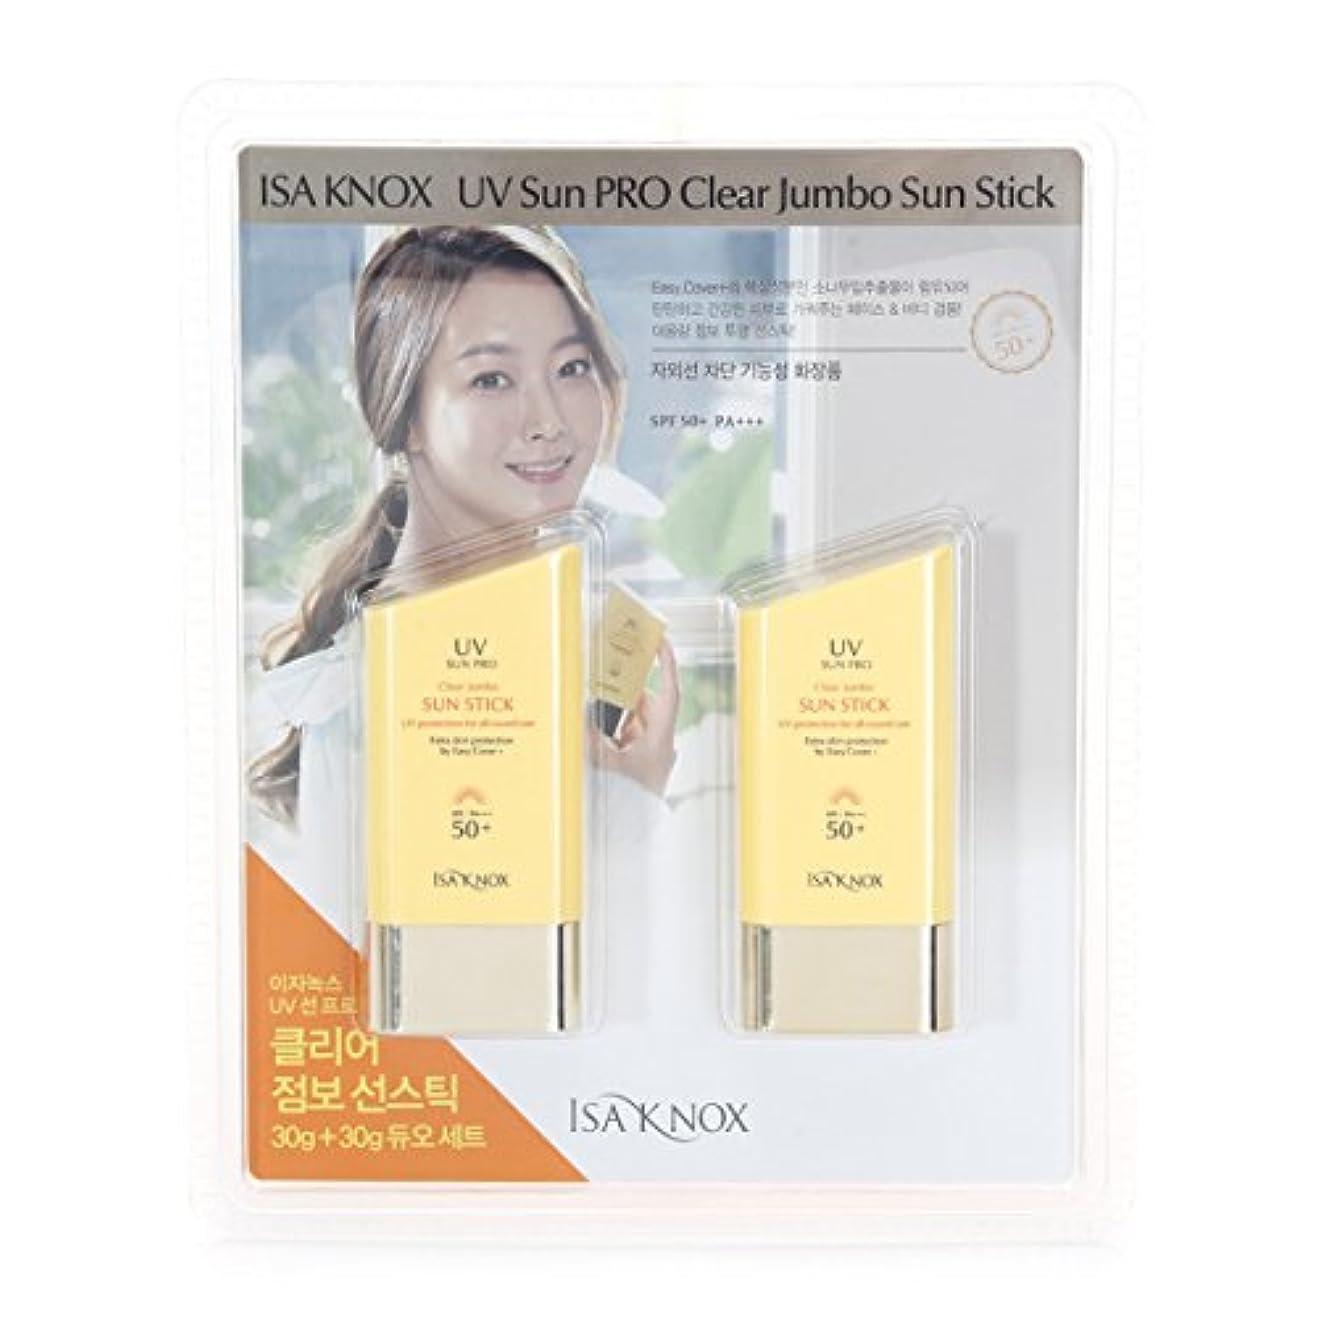 炎上マウント踏みつけ[イザノックス / ISA KNOX] UVサンプロクリアジャンボサンスティック 30g×2個セット / ISA KNOX Sun Pro Clear Jumbo Sun Stick / SPF50+ PA++ / クリアスティック...